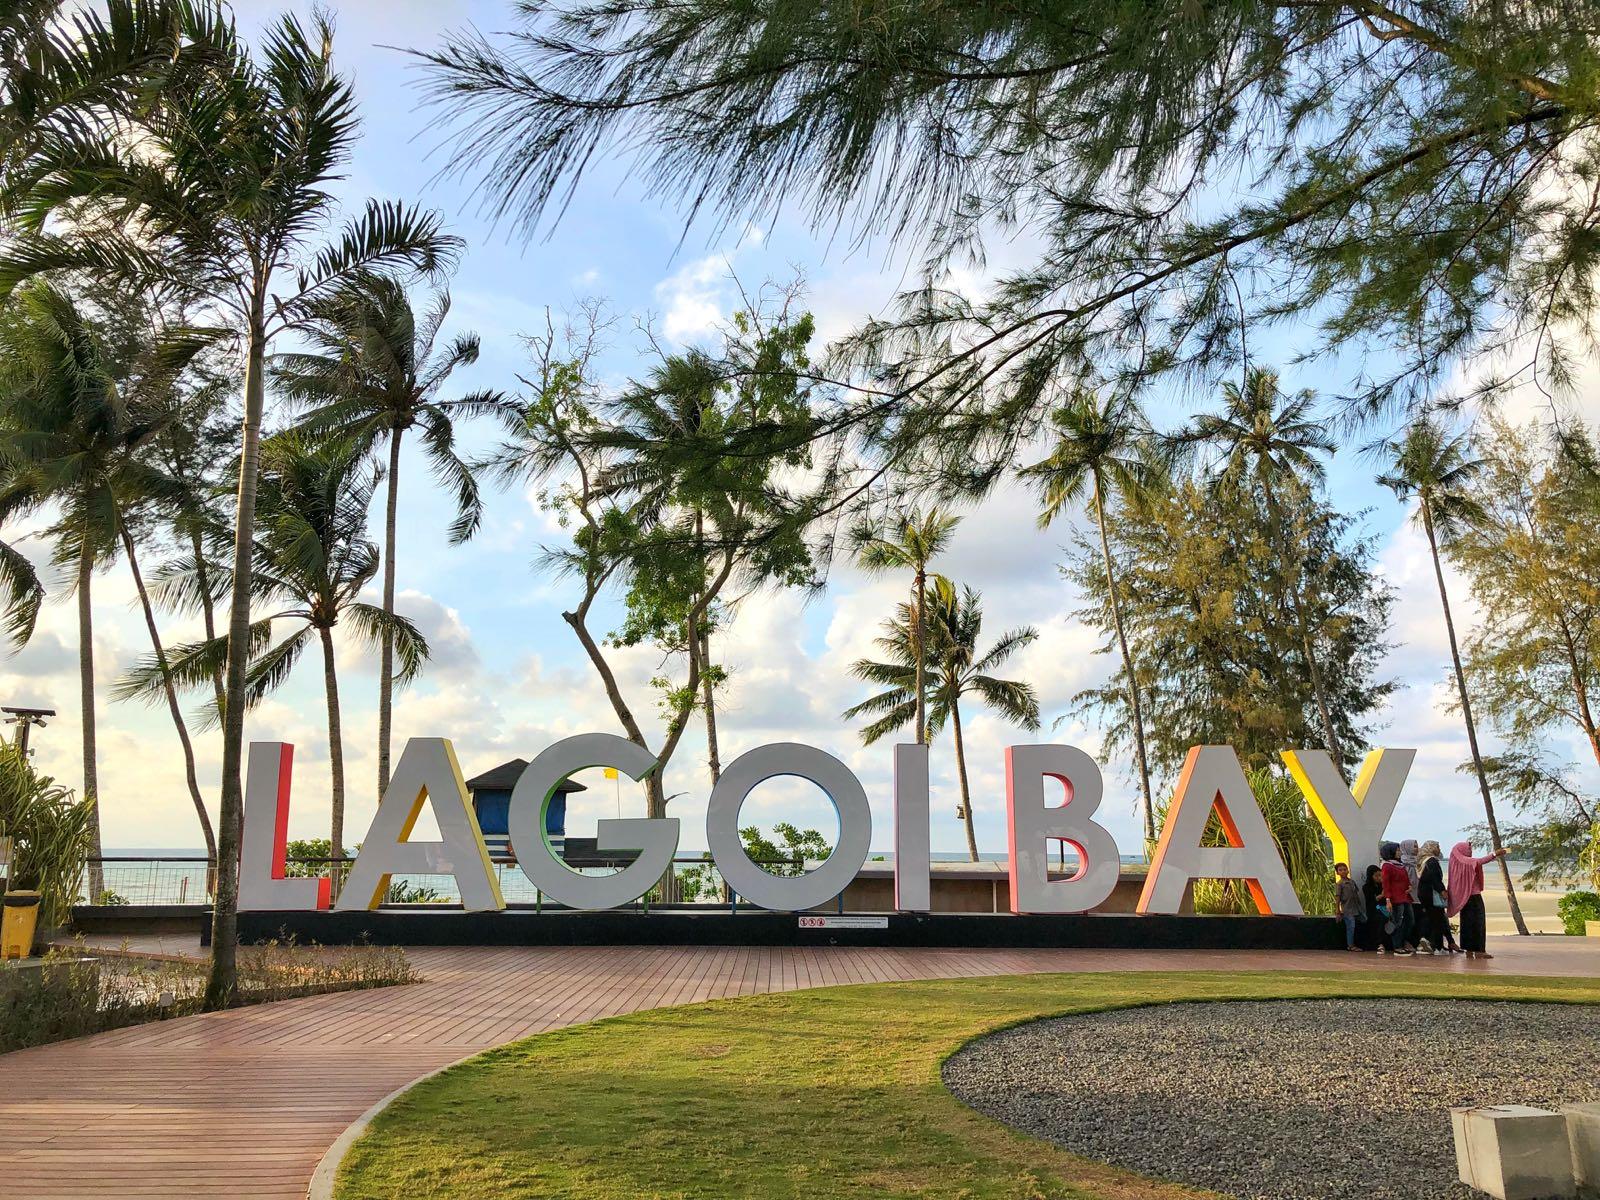 Wisata Lagoi Bay Bintan Rekreasi Selayak Di Kuta Bali Blackxperience Com